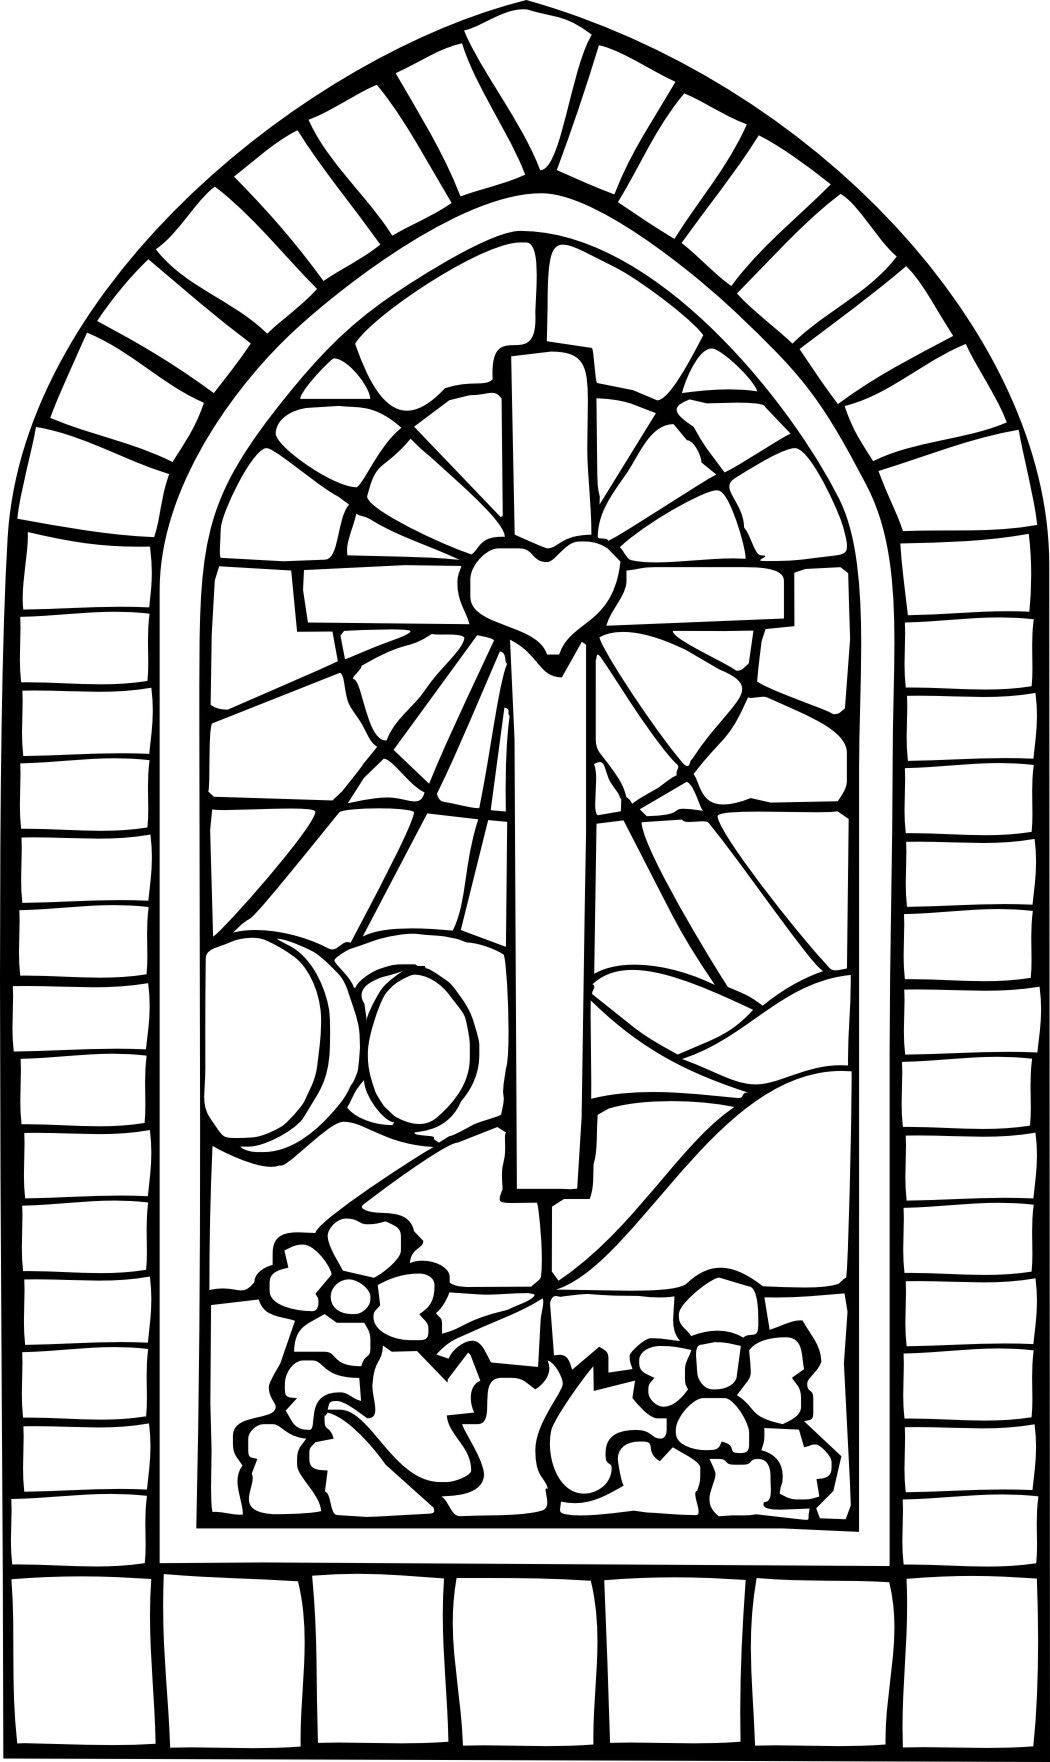 pin jonette korevaar op christelijke feesten